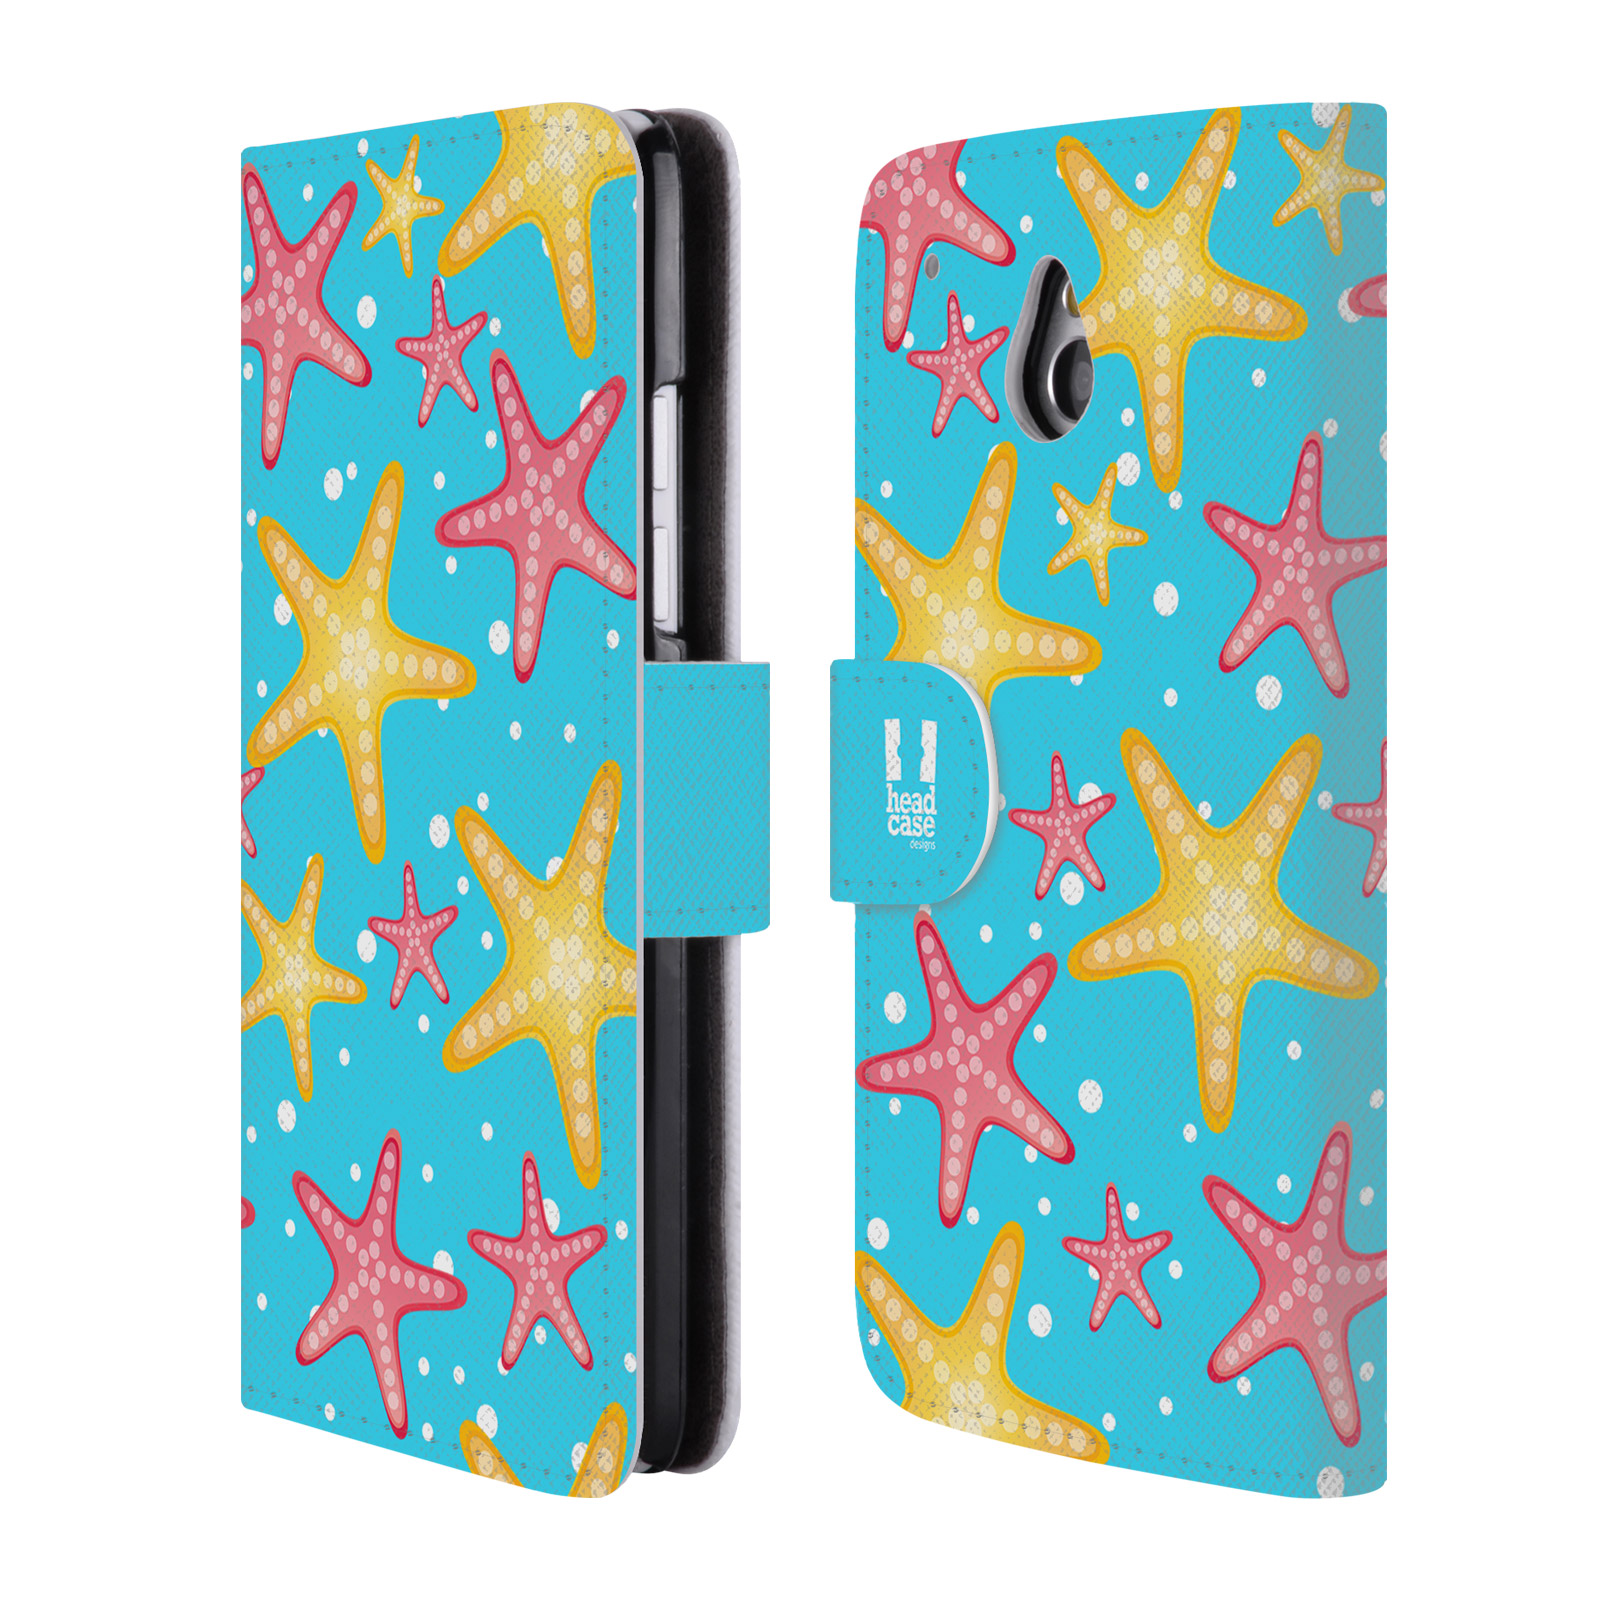 HEAD CASE Flipové pouzdro pro mobil HTC ONE MINI (M4) Mořský živočich hvězdice modrá barva pozadí